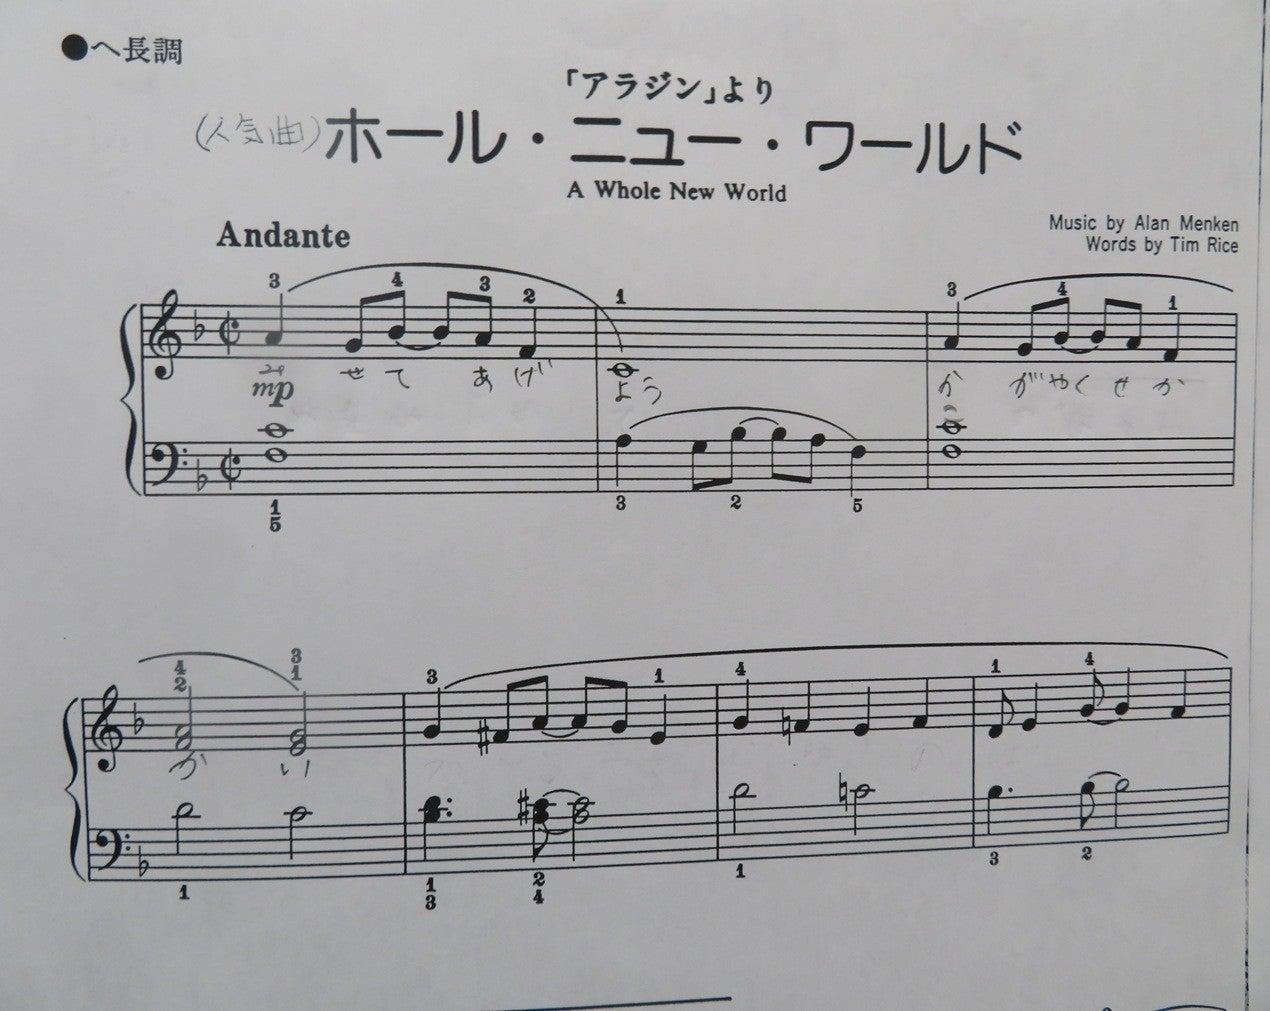 ア ホール ニュー ワールド 楽譜